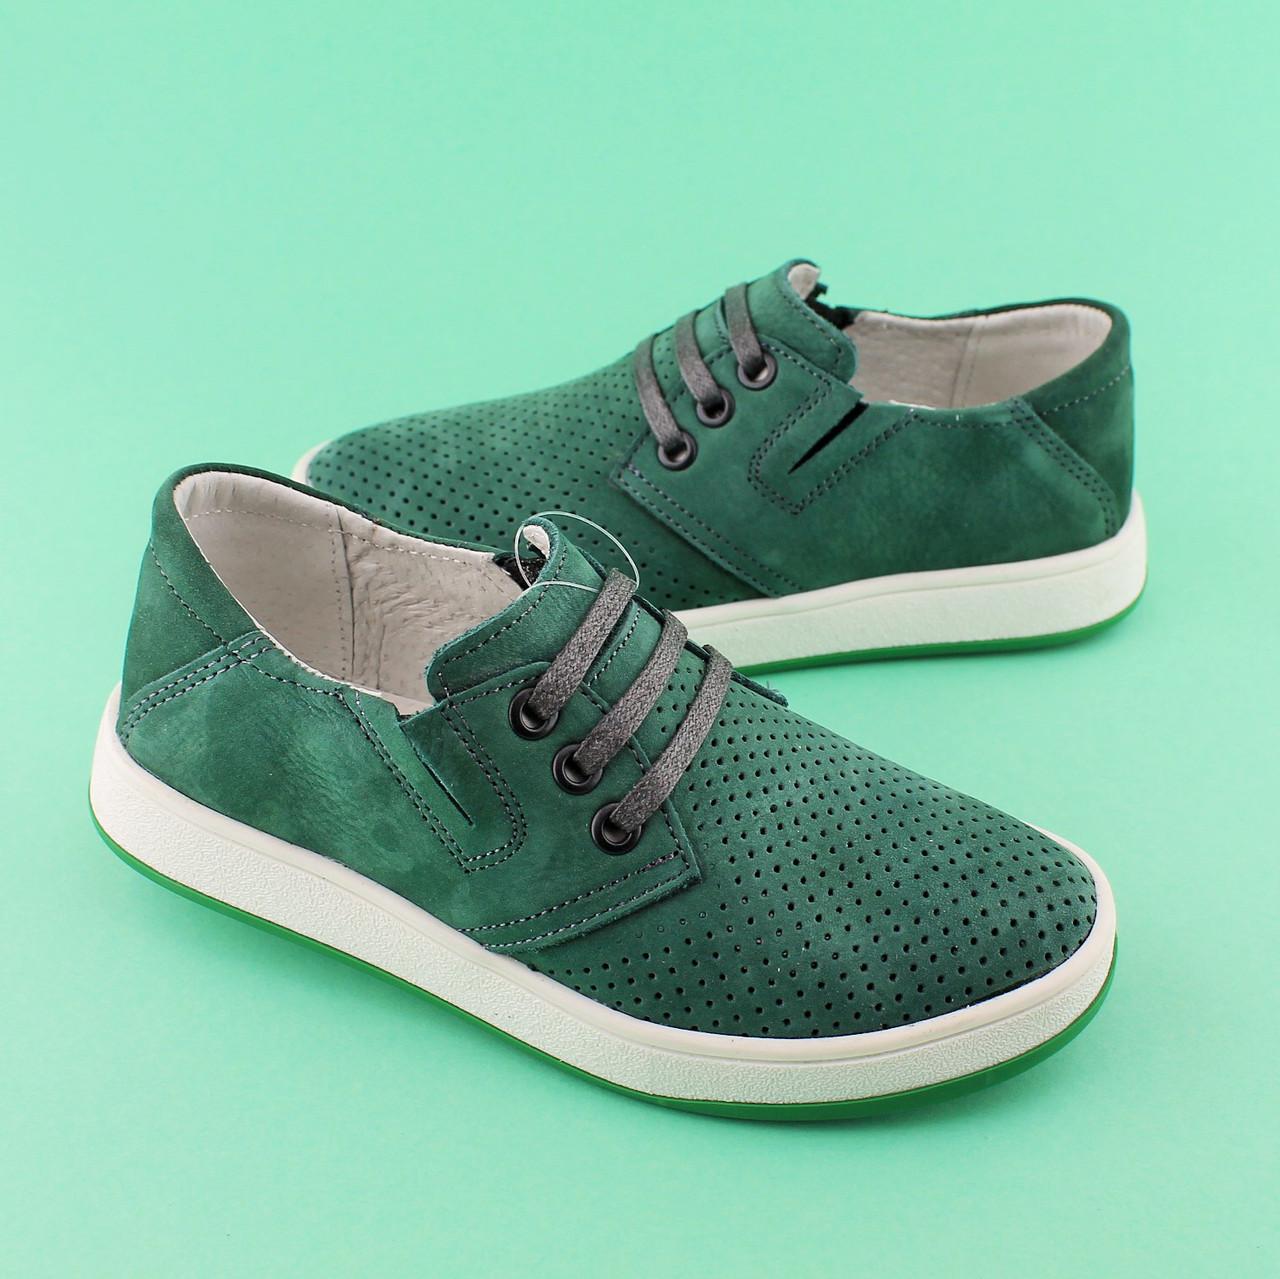 901010cc1 Зеленые туфли кожаные для мальчика подростка Нубук размер 32,34,36,37 -